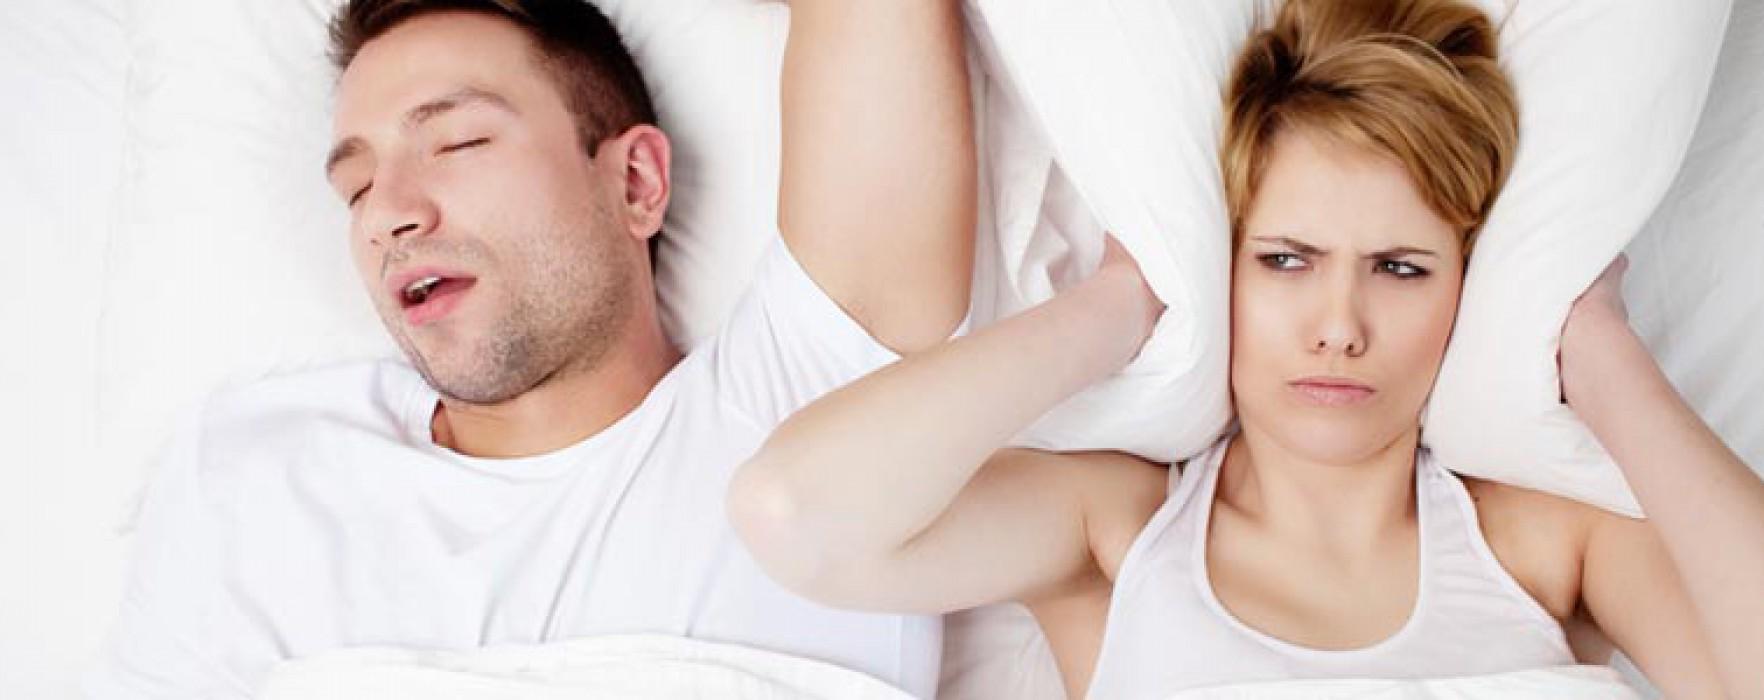 Ronquido y apnea del sueño